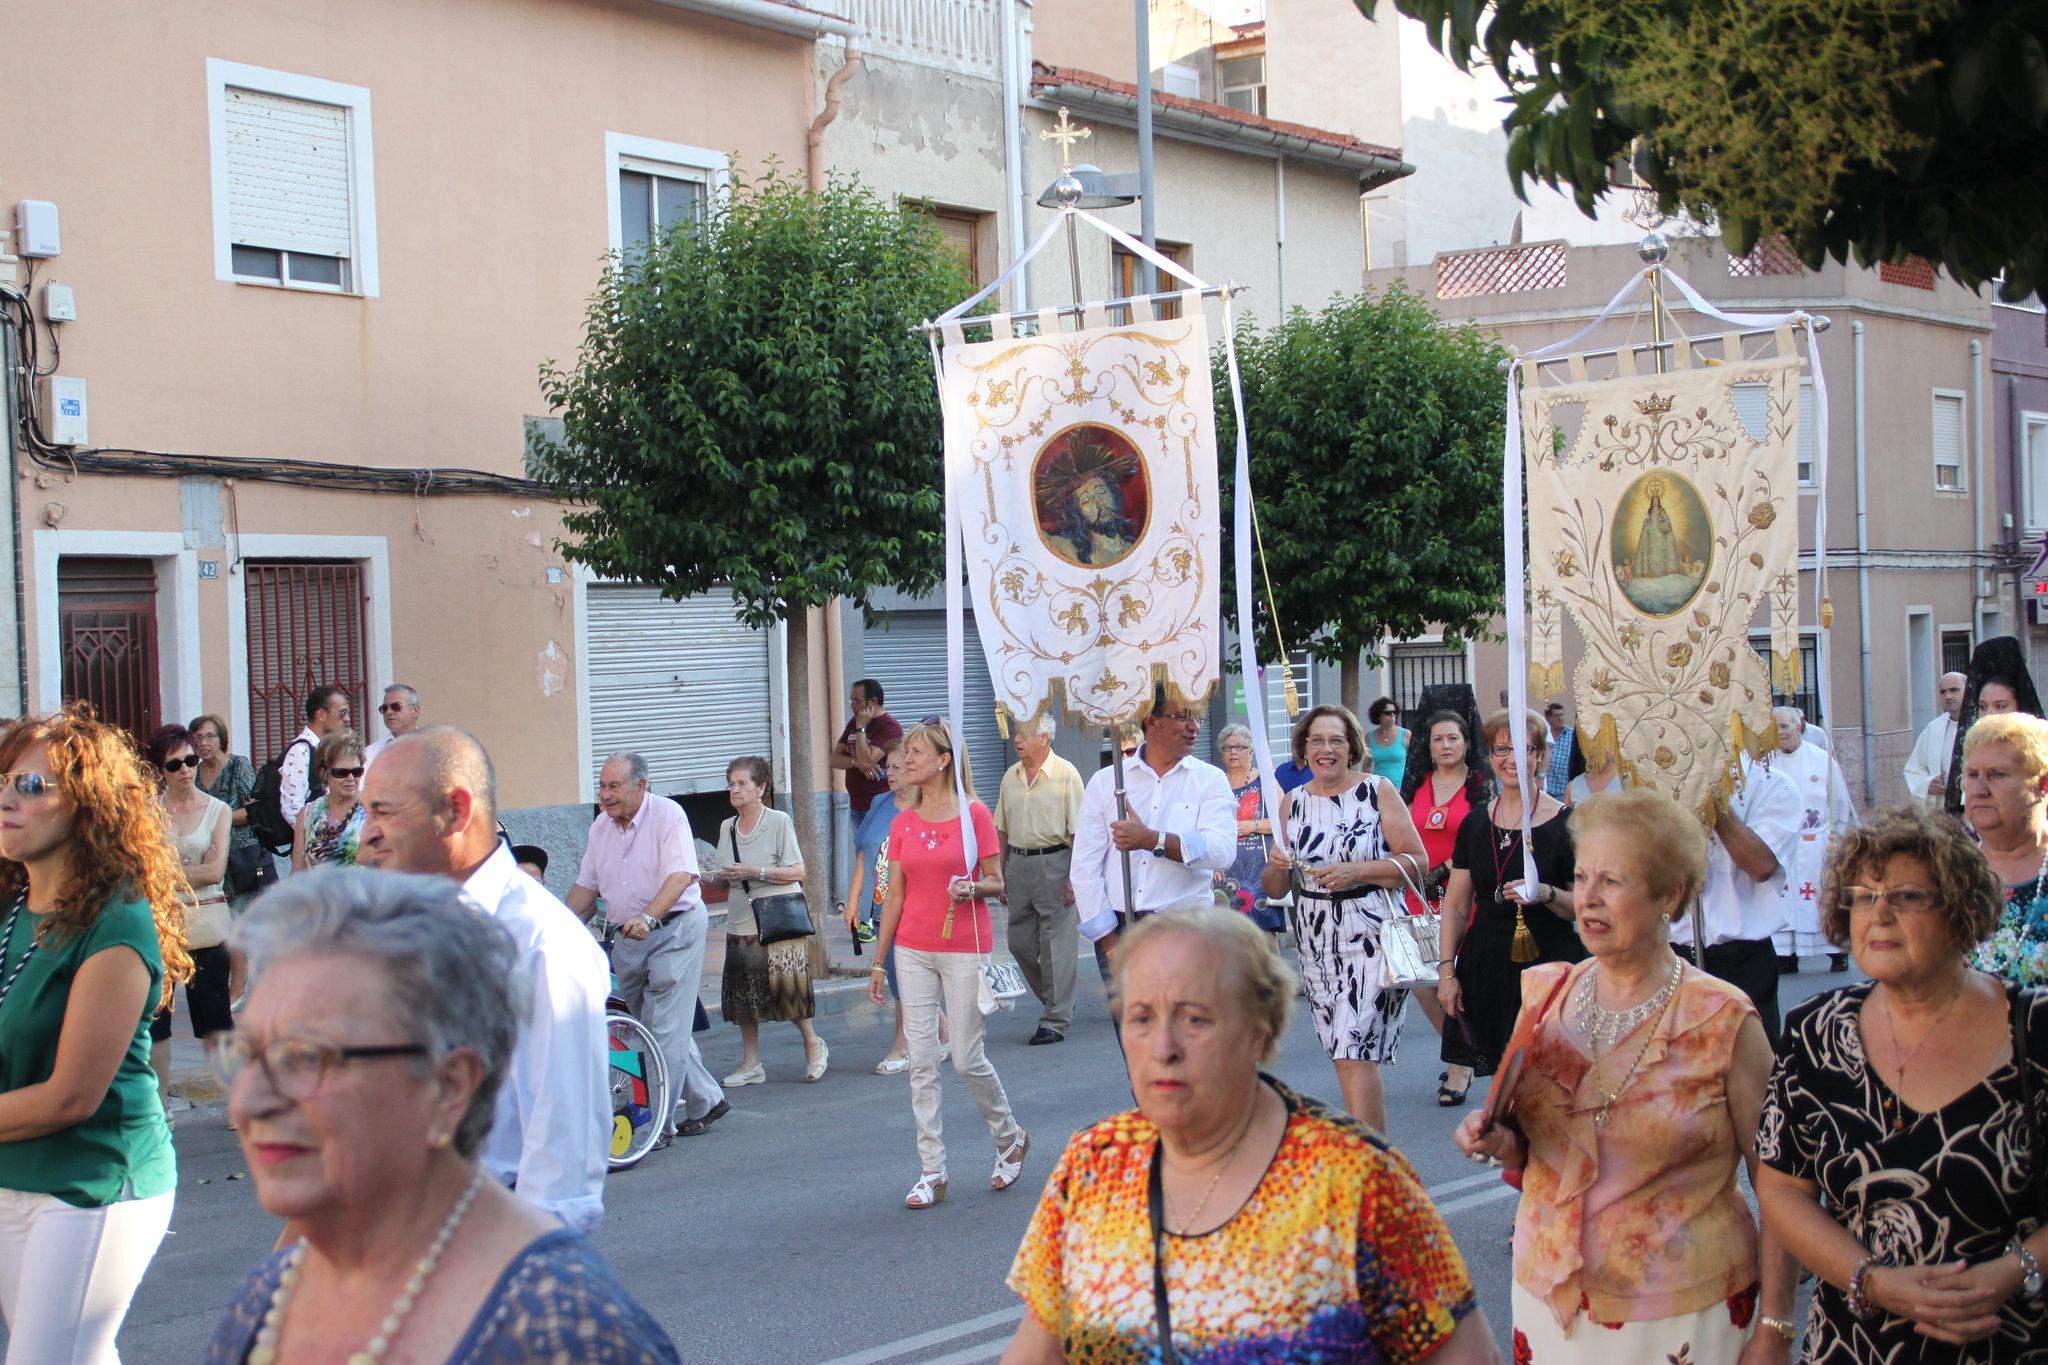 (2015-07-12) - Virgen del Carmen, parroquia La Santa Cruz - Javier Romero Ripoll (17)